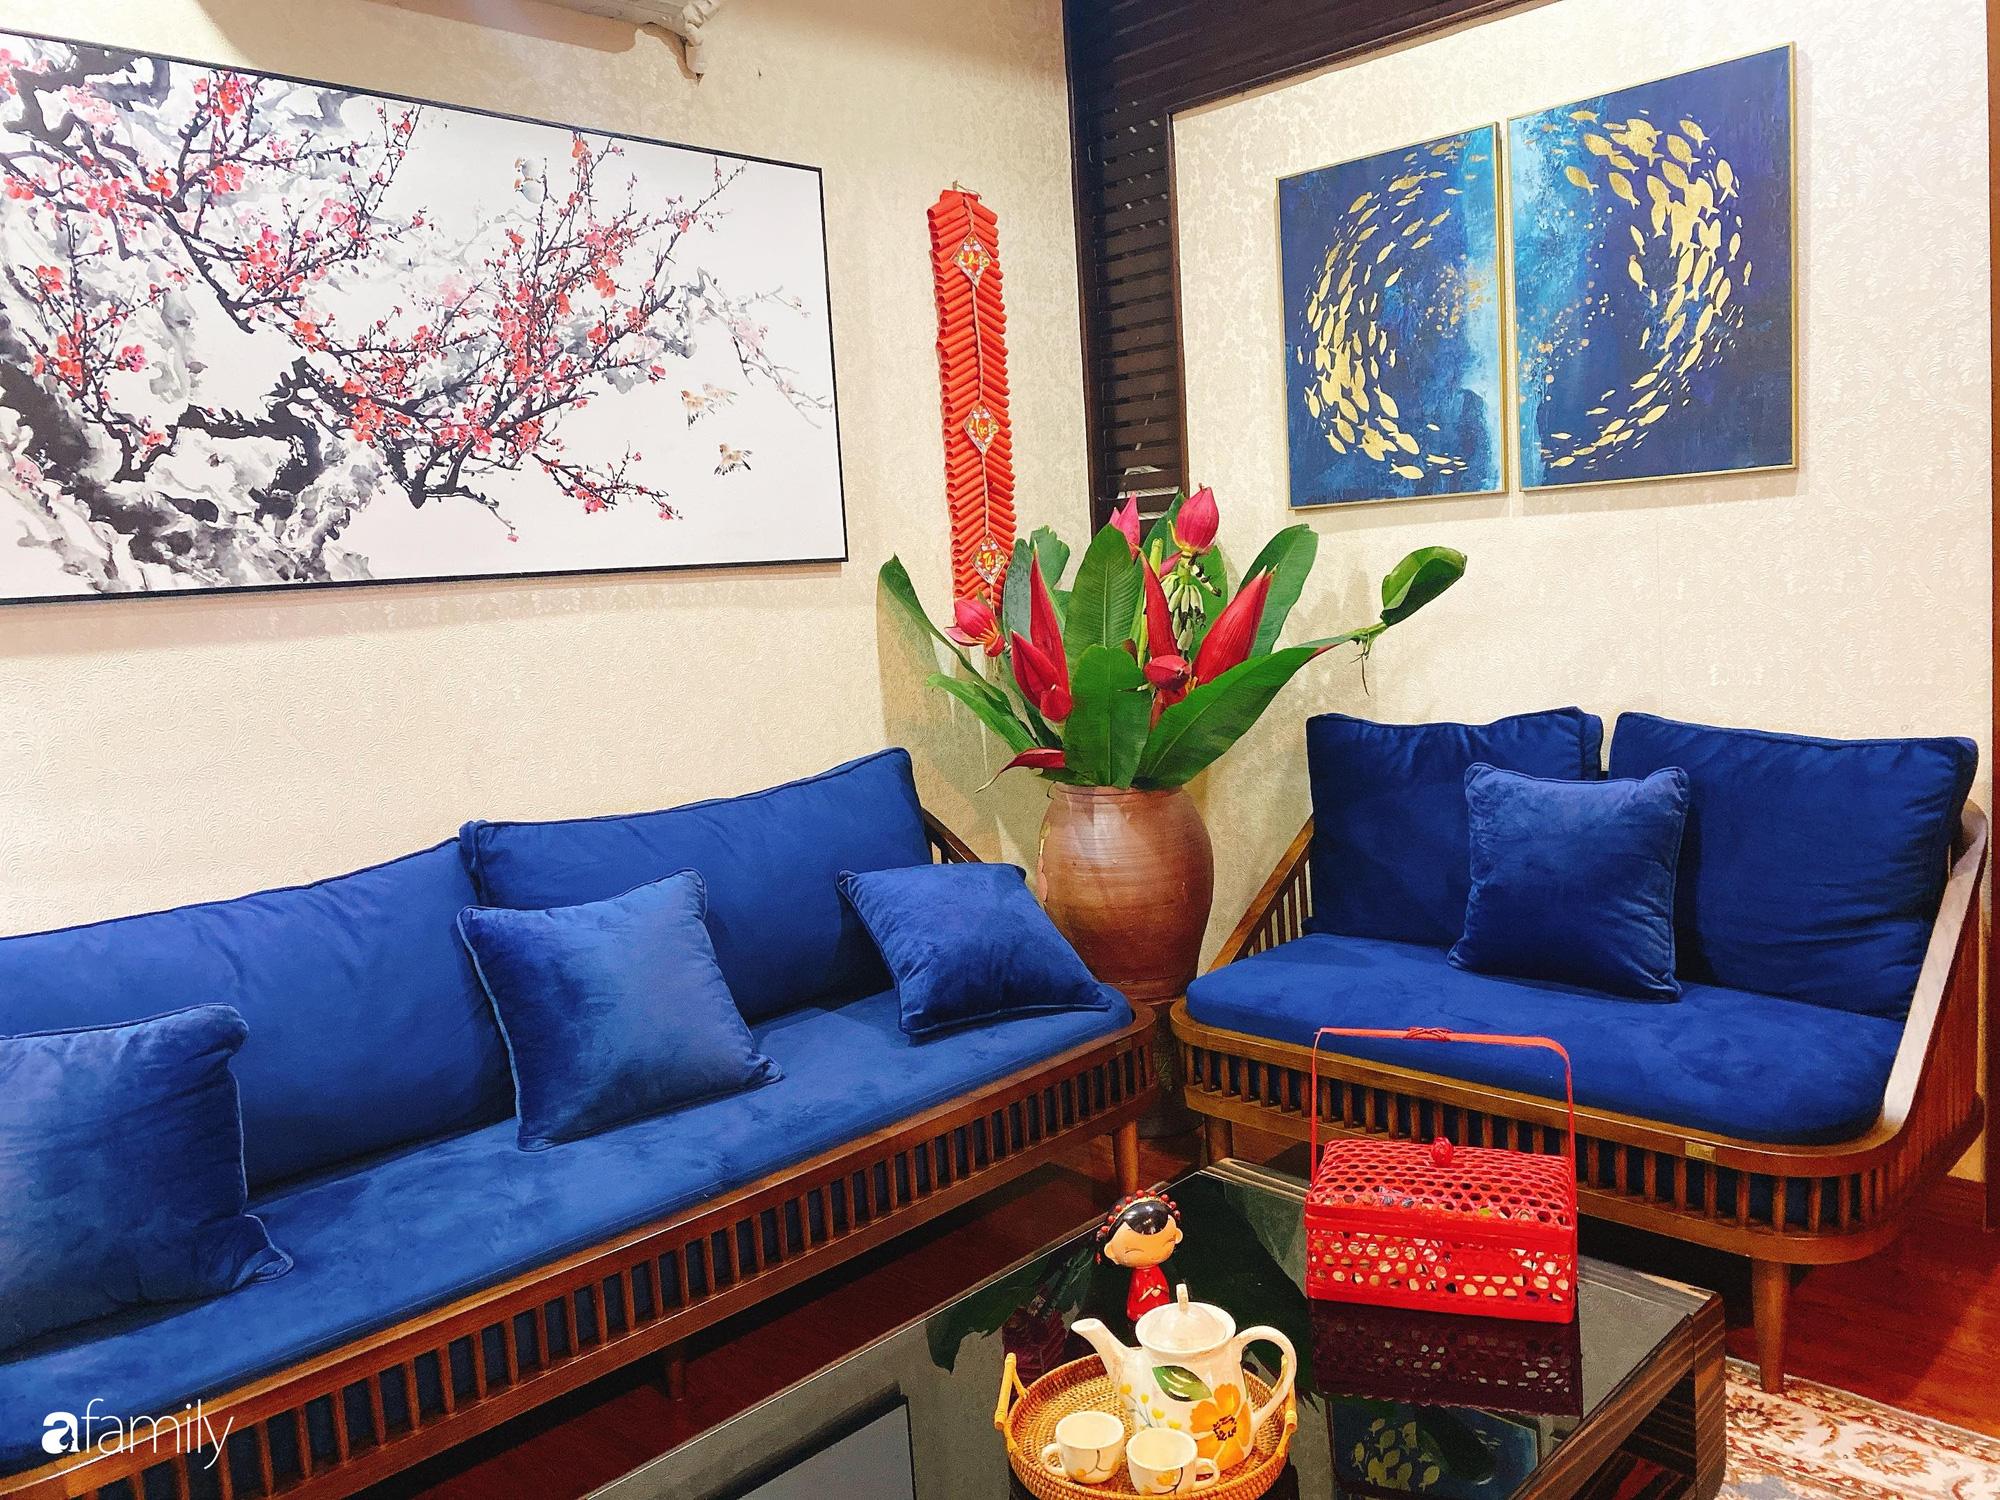 Căn hộ được điểm xuyết vẻ đẹp của ngày Tết truyền thống nhờ bàn tay khéo léo của mẹ trẻ xinh đẹp ở Long Biên, Hà Nội - Ảnh 5.